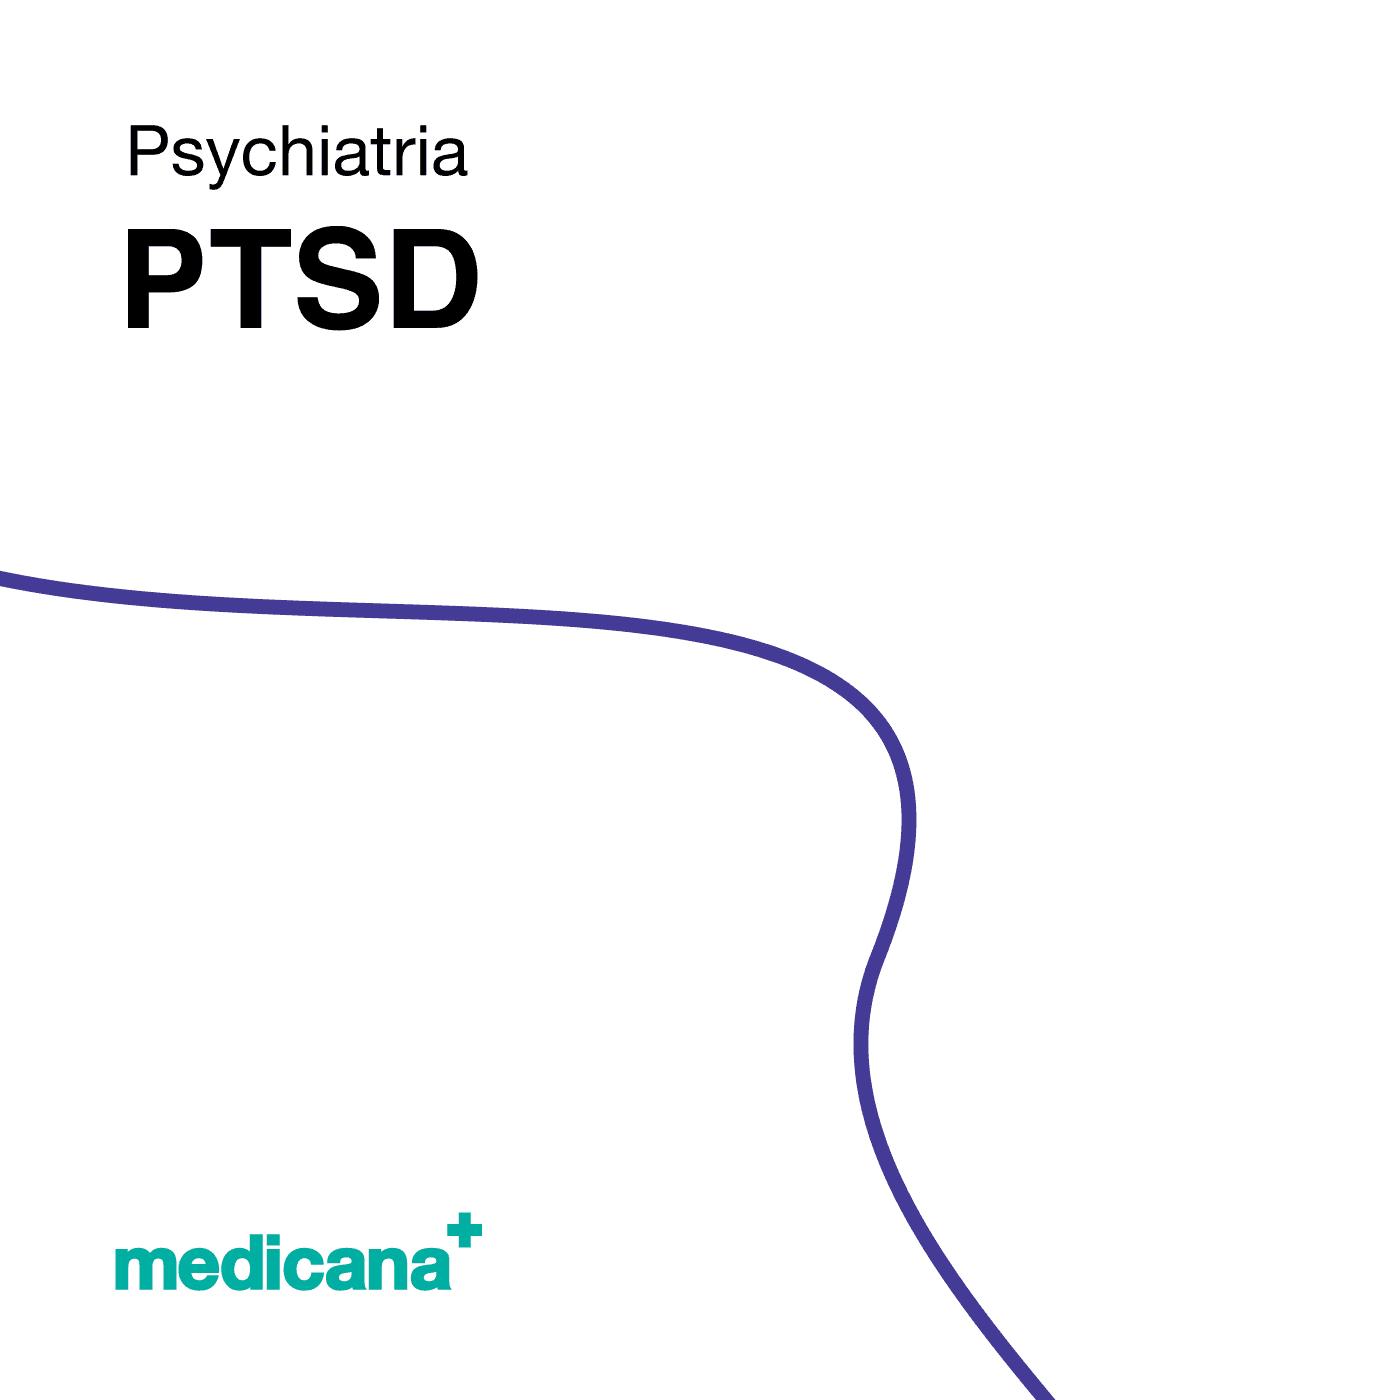 Grafika, białe tło z granatową kreską, czarnym napisem Psychiatria - PTSD oraz zielonym logo Medicana w lewym dolnym rogu.